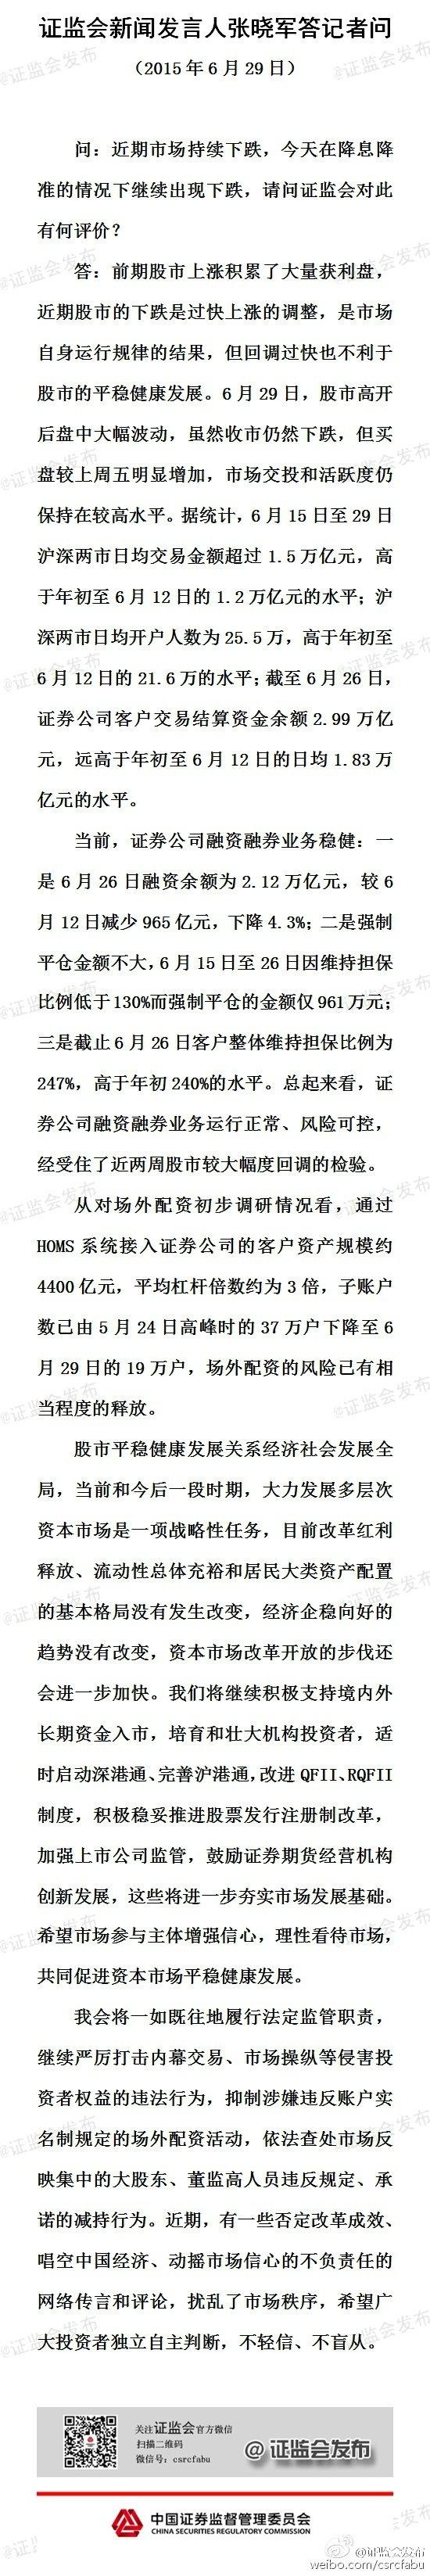 证监会连夜发声:查违规减持 勿轻信唱空中国